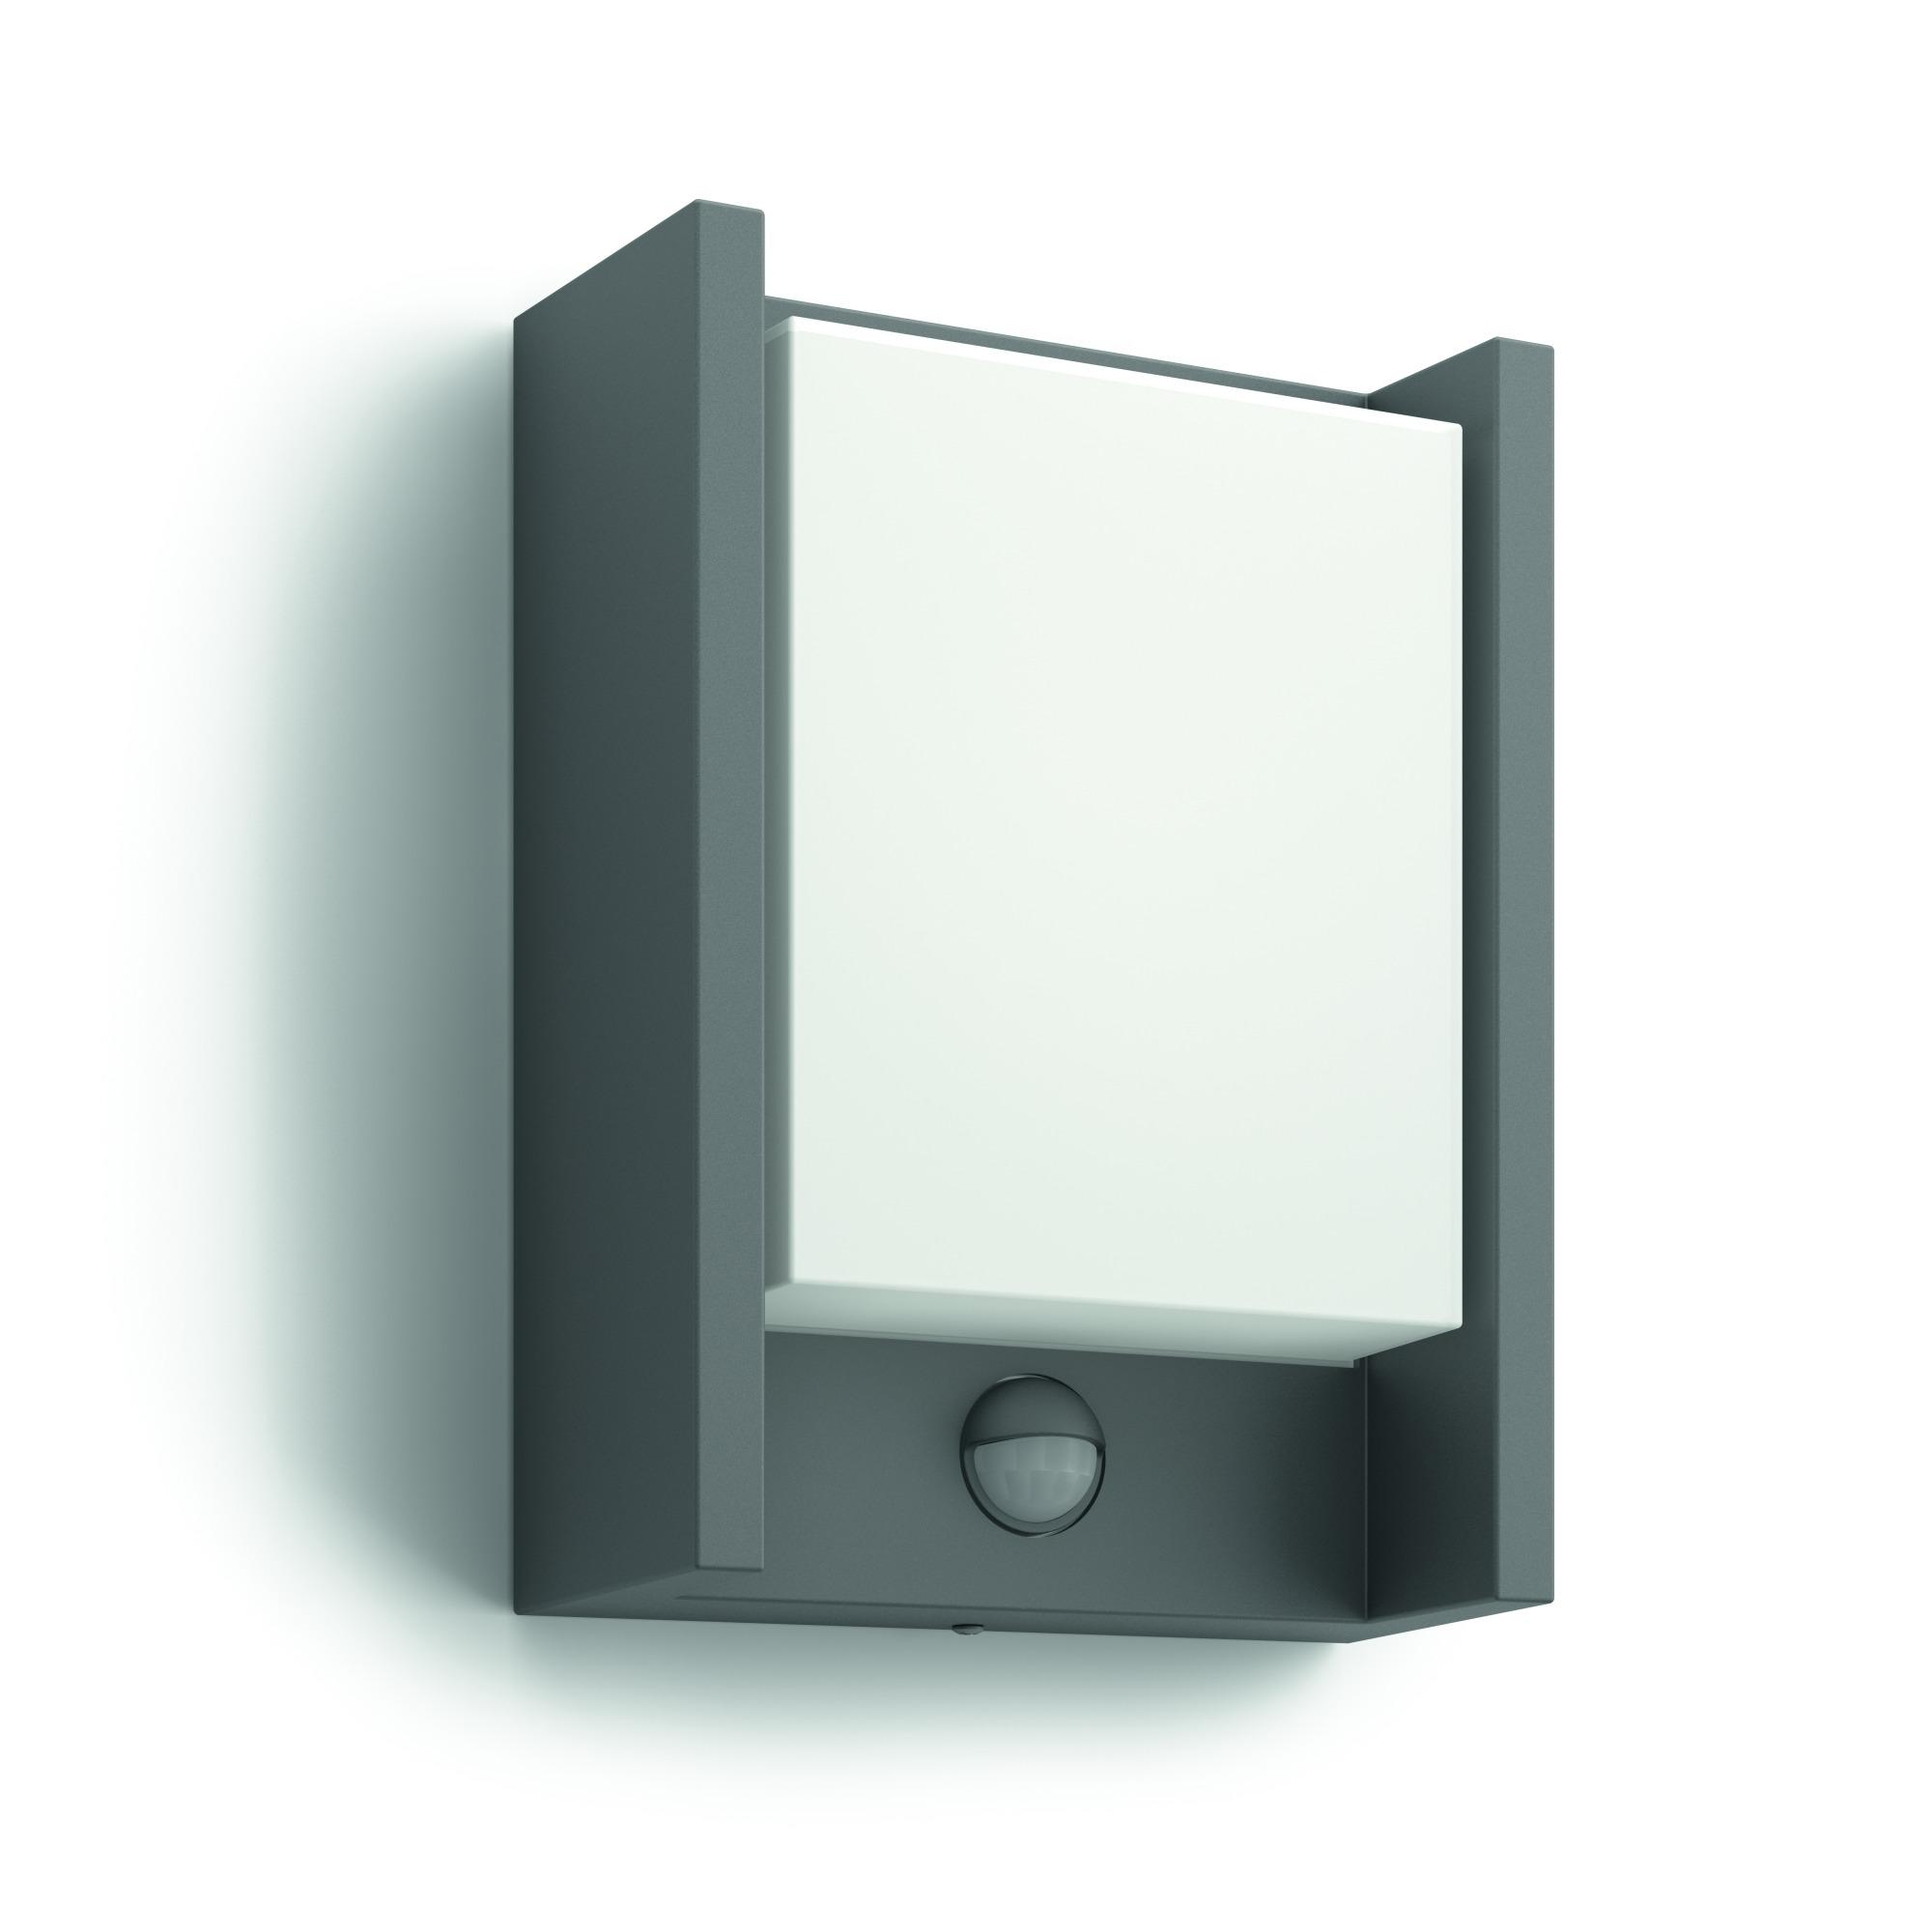 Philips Wandlamp MyGarden Arbour LED met sensor Antraciet 6.5W